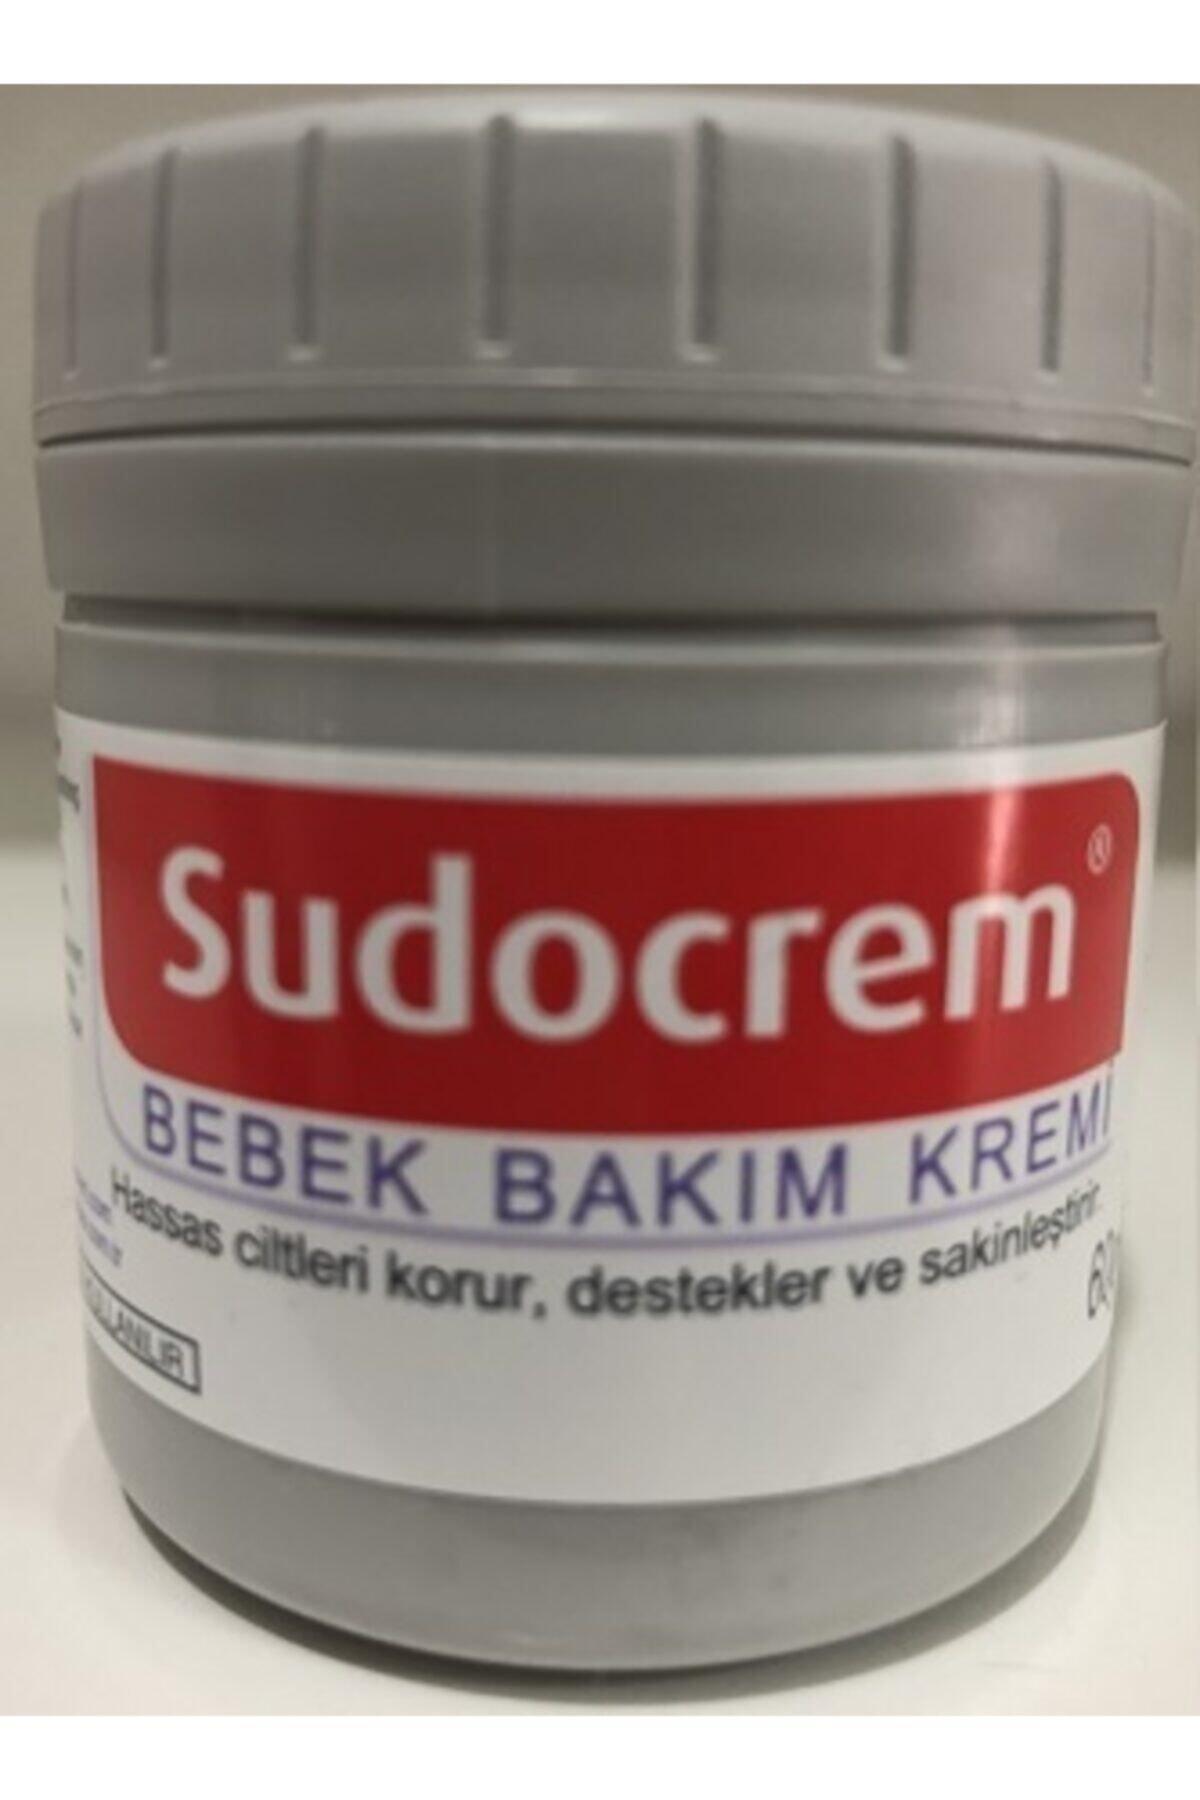 Sudocrem Biocodex Bebek Bakım Kremi 60 gr 1